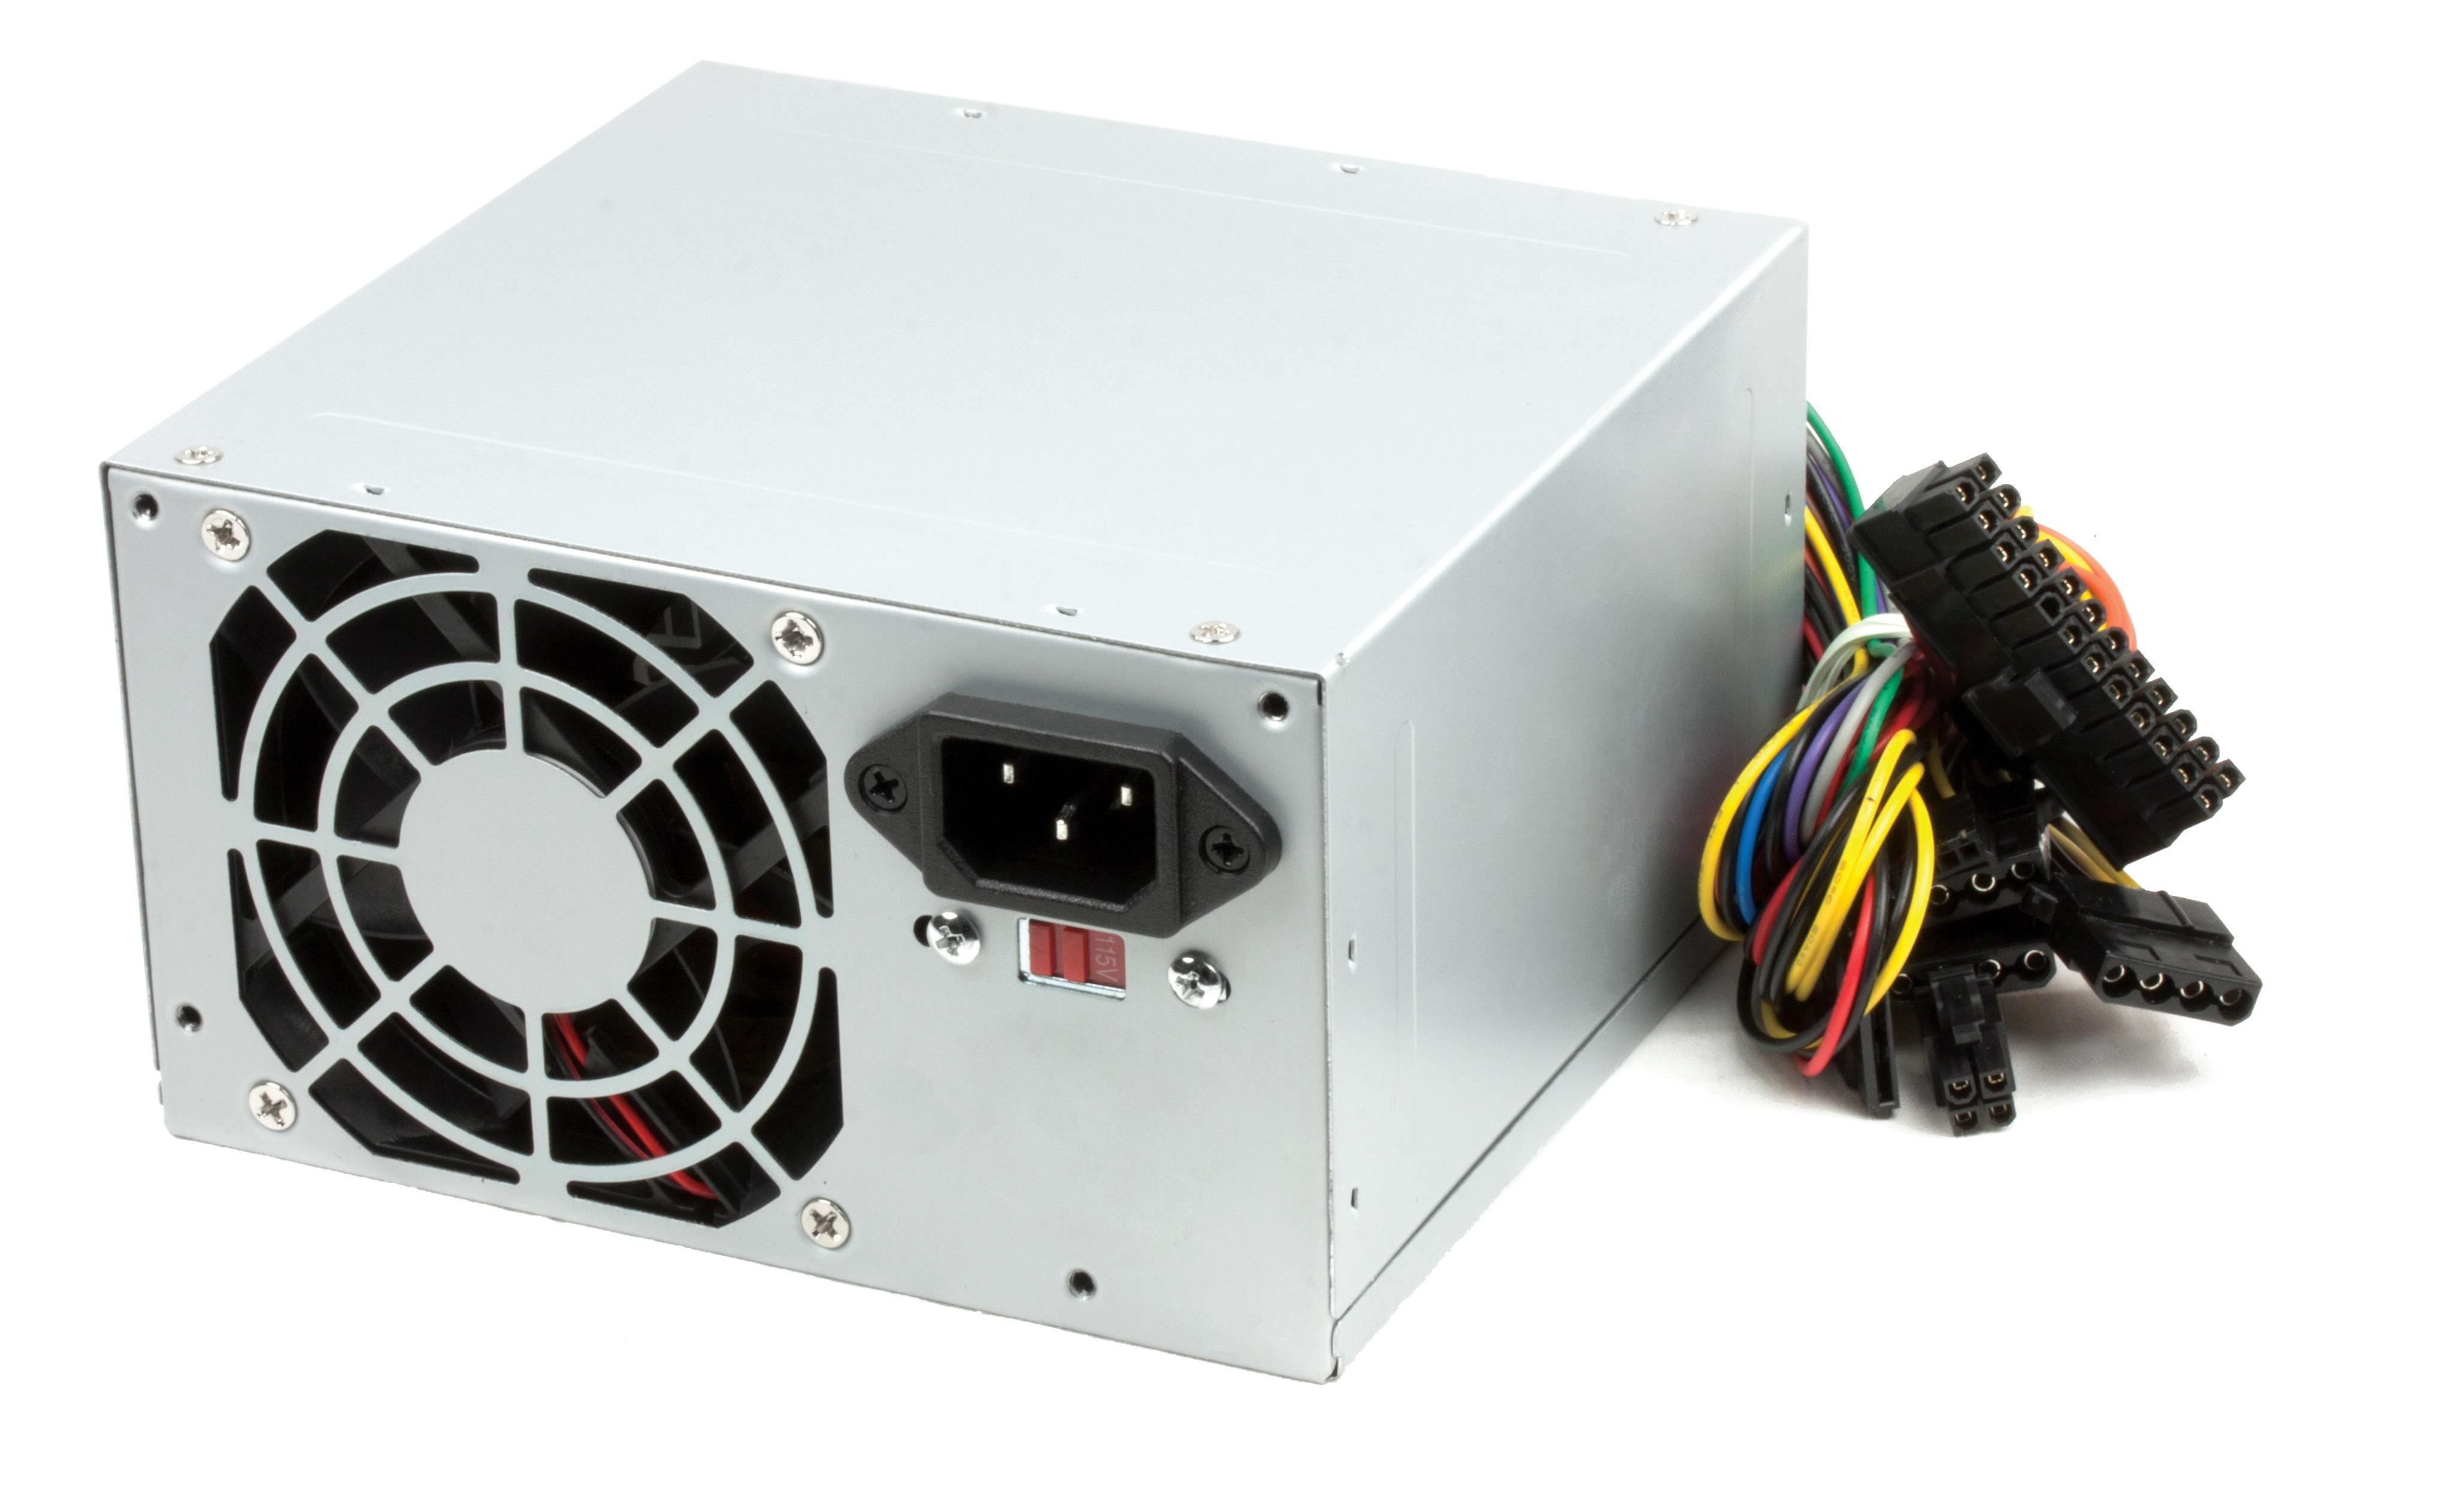 Xtech P4 Power Supply 700w Cs850xtk08 Wizz Computers Ltd